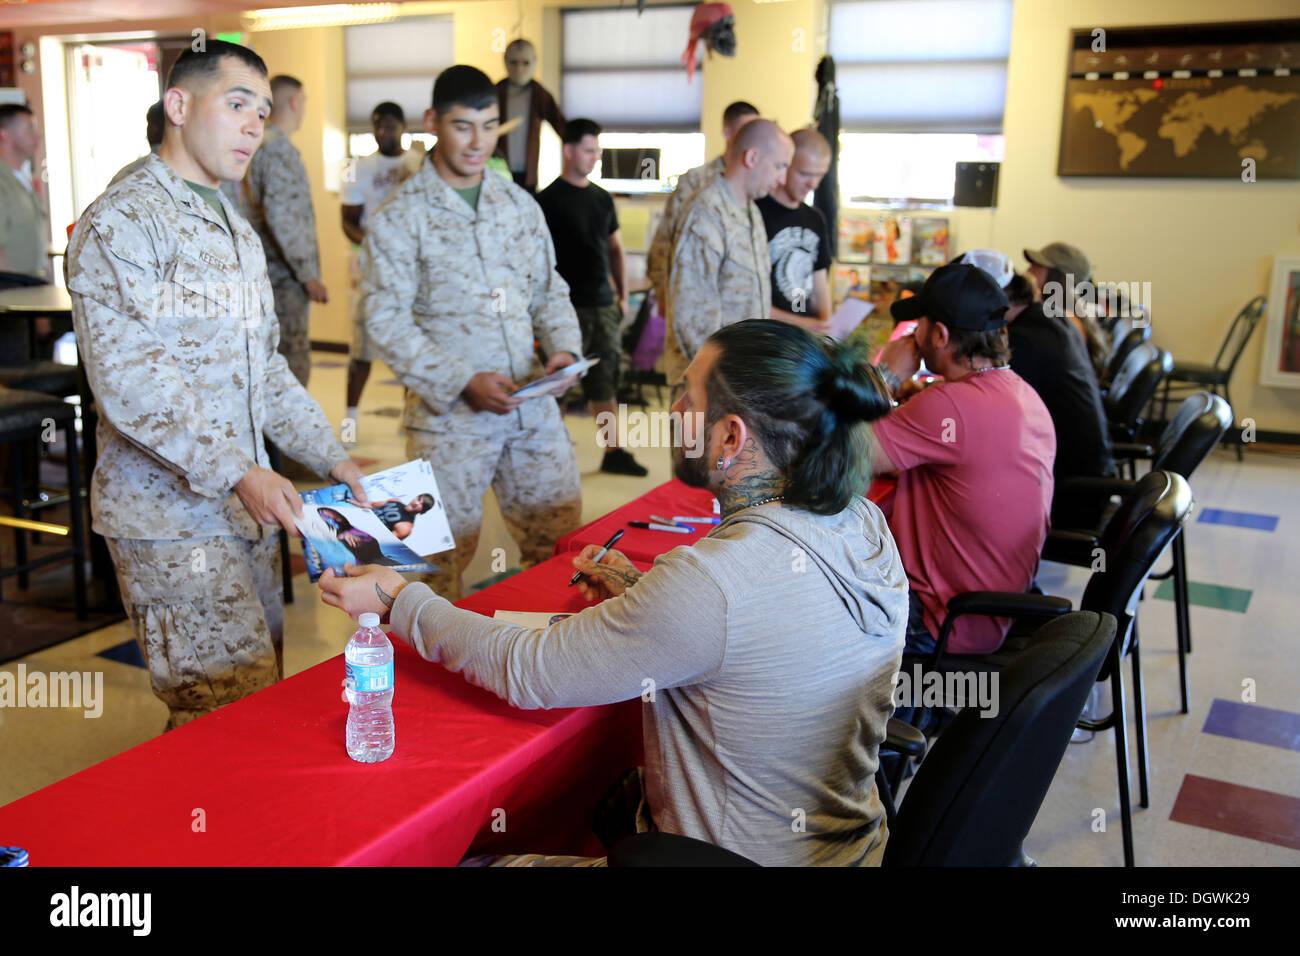 Infantes de marina recibir autógrafos de Impact wrestling stars, Jeff Hardy, A.J. Estilos, Brooke, y el artillero, en el Gran Escape a bordo Imagen De Stock